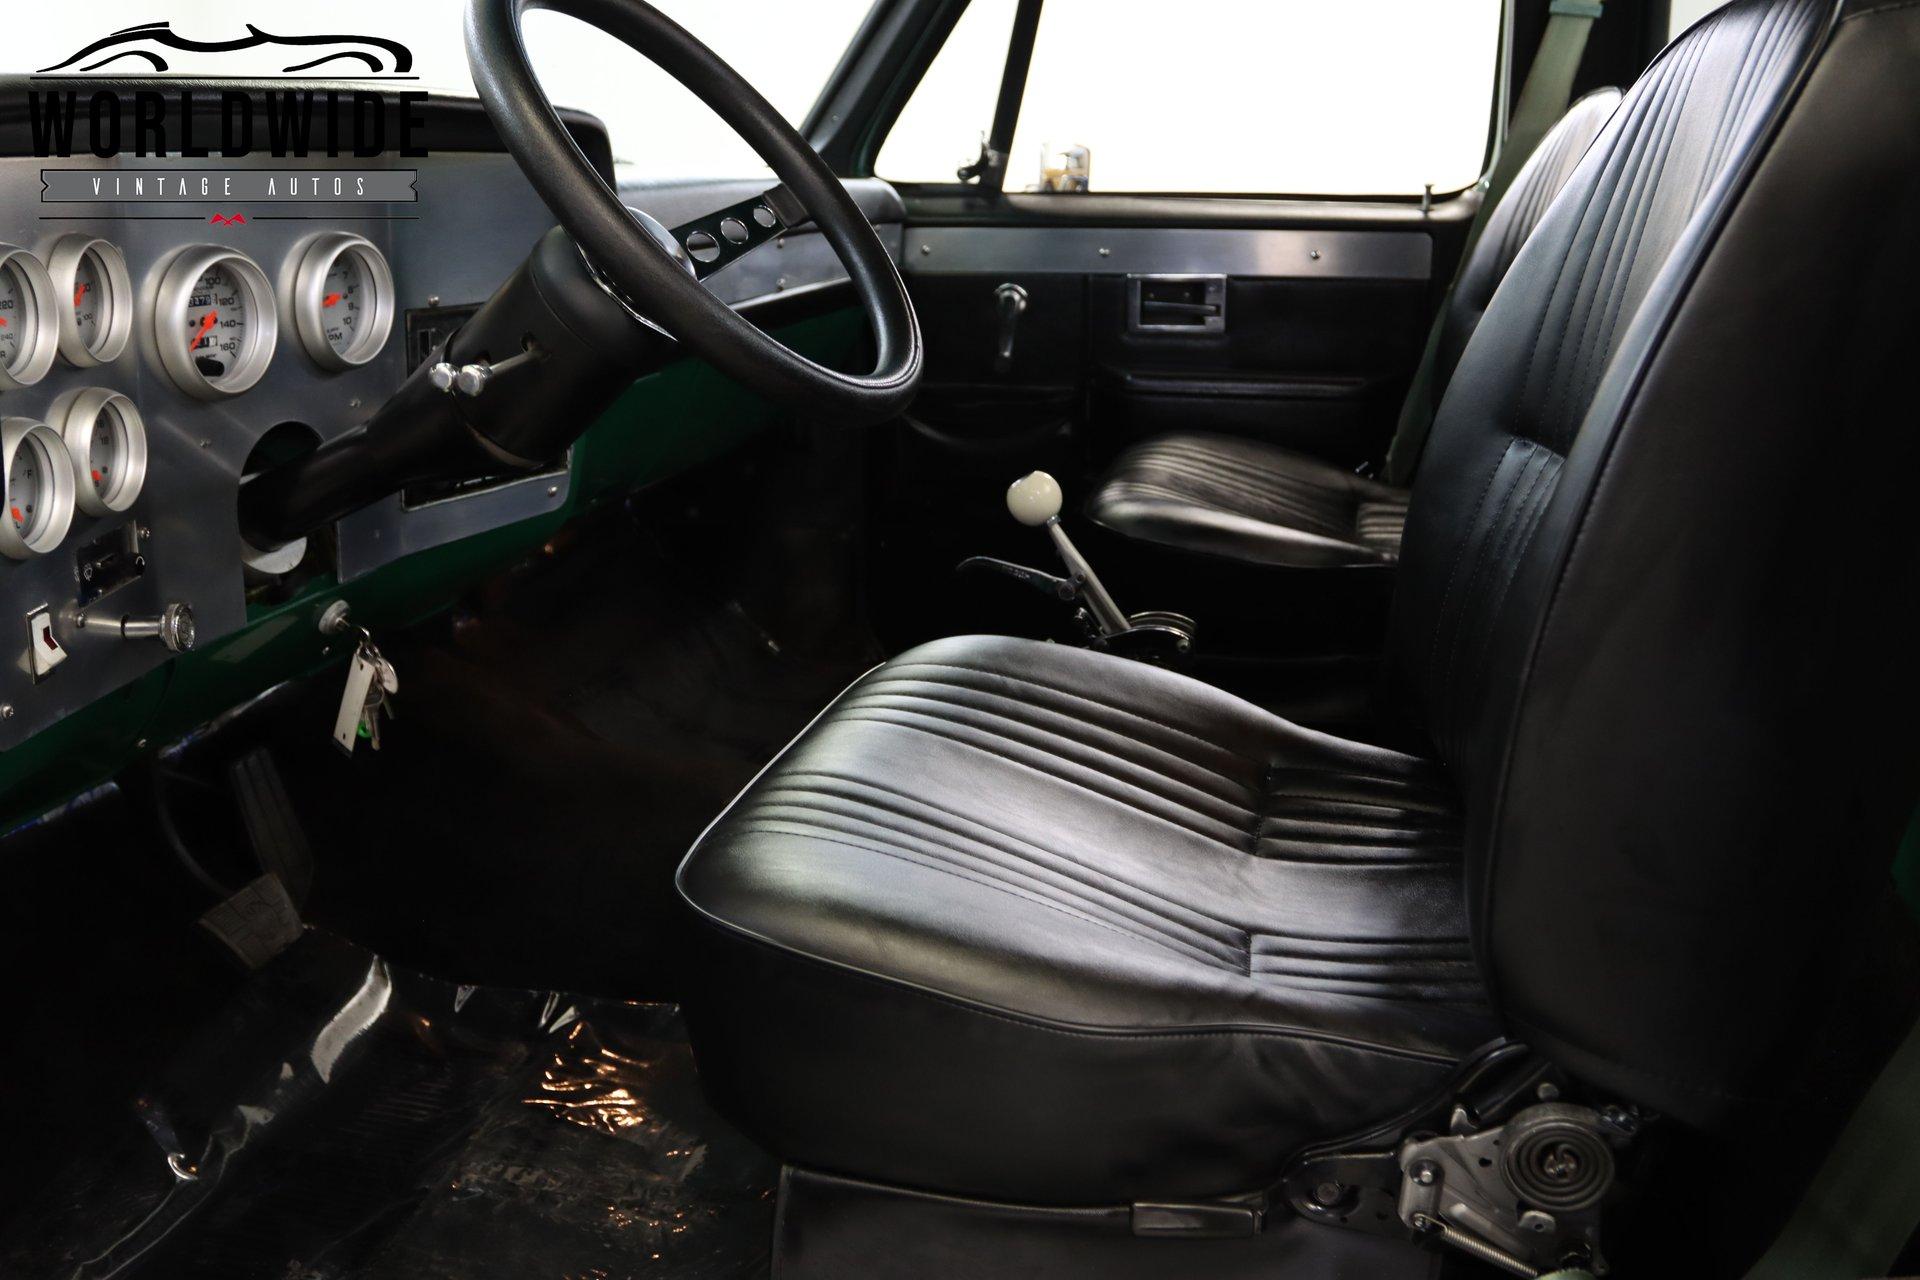 1981 CHEVY C10